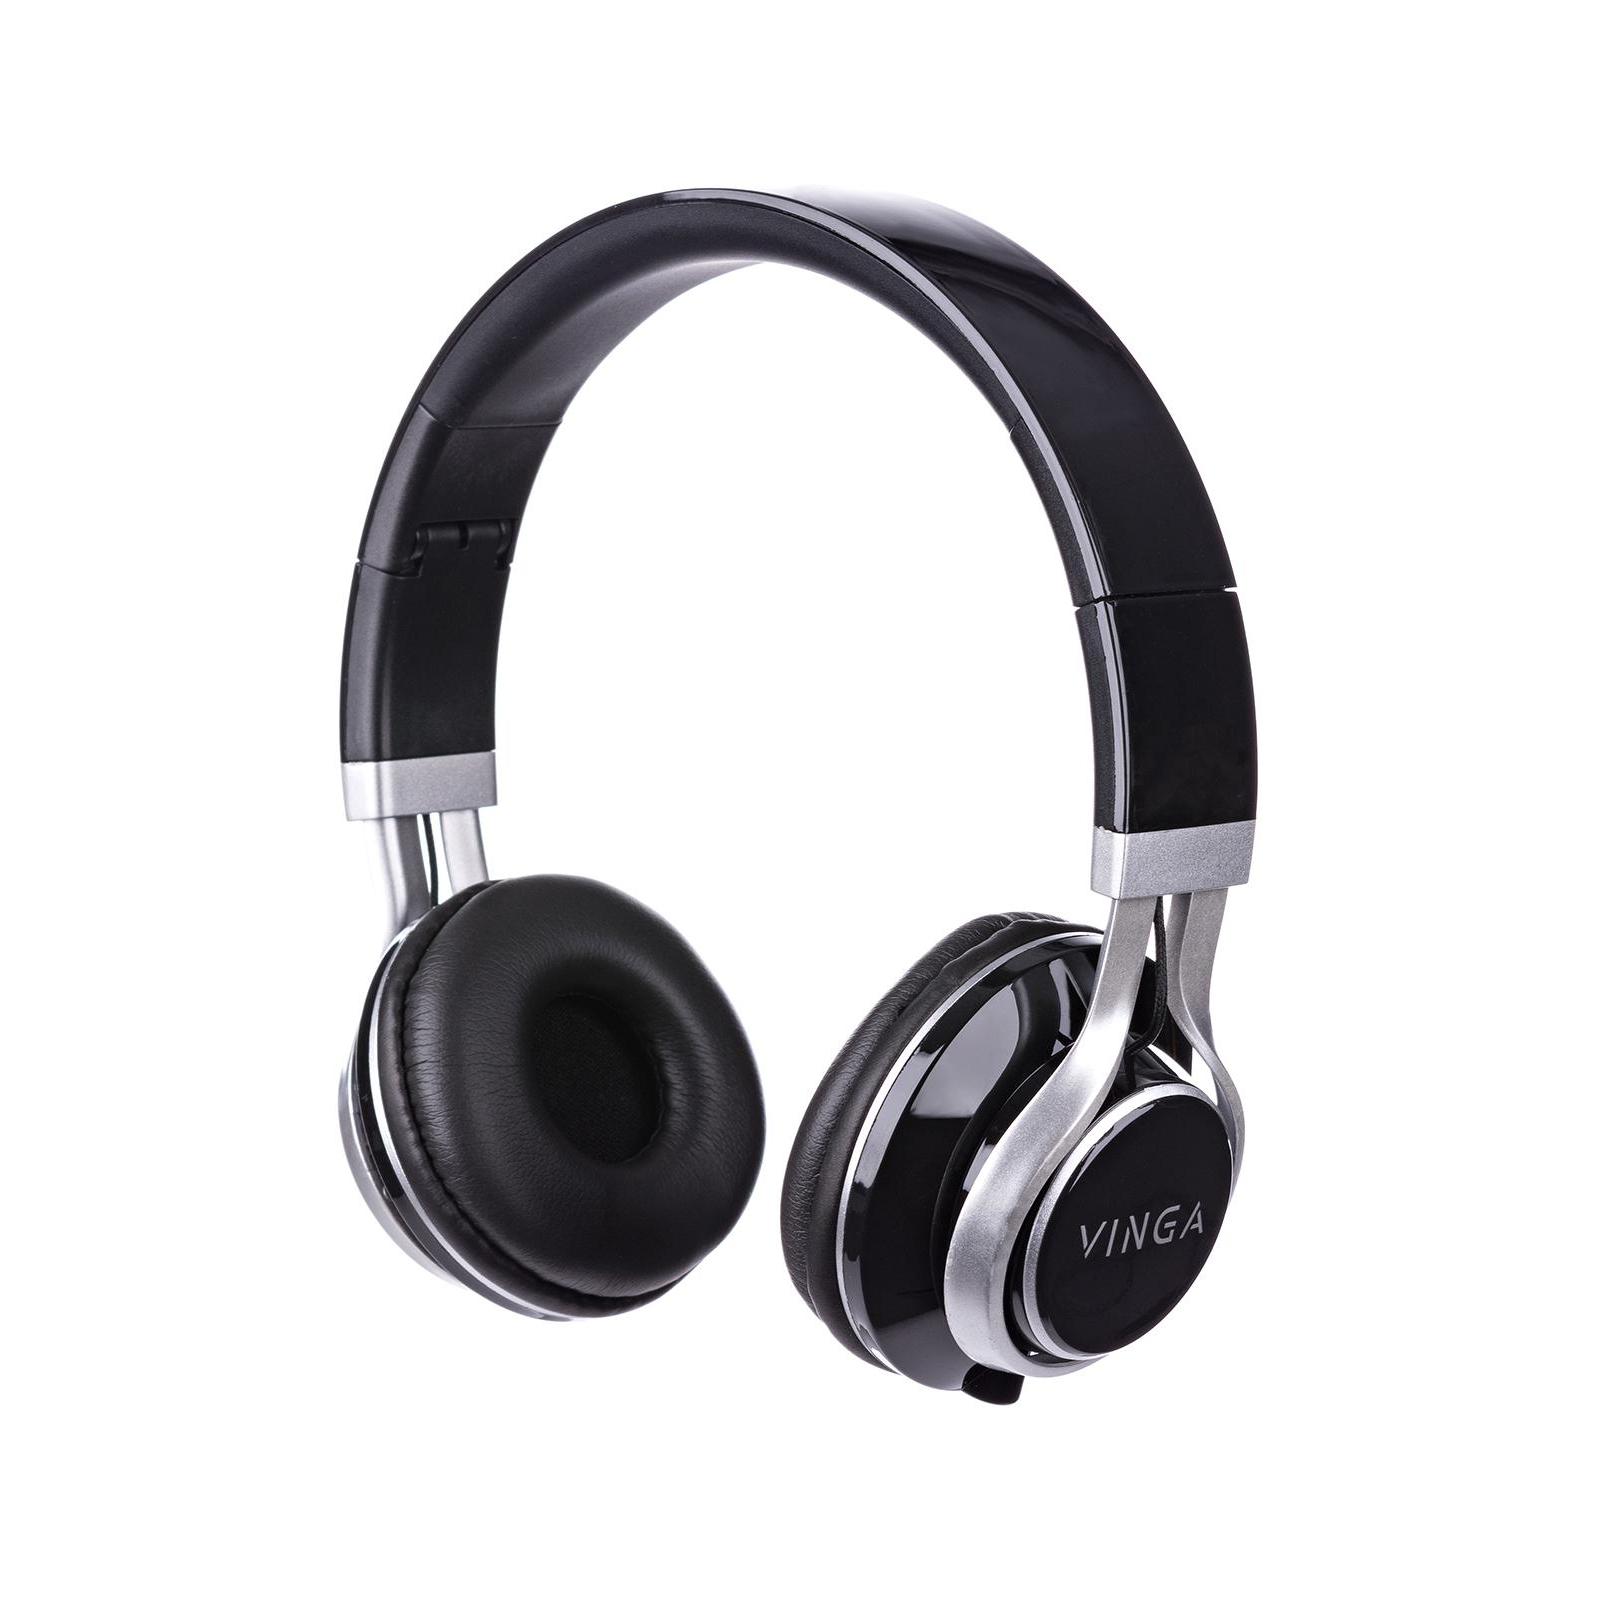 Навушники Vinga HSM040 Black Silver (HSM040BS) ціни в Києві та ... fac2fb2128ed3